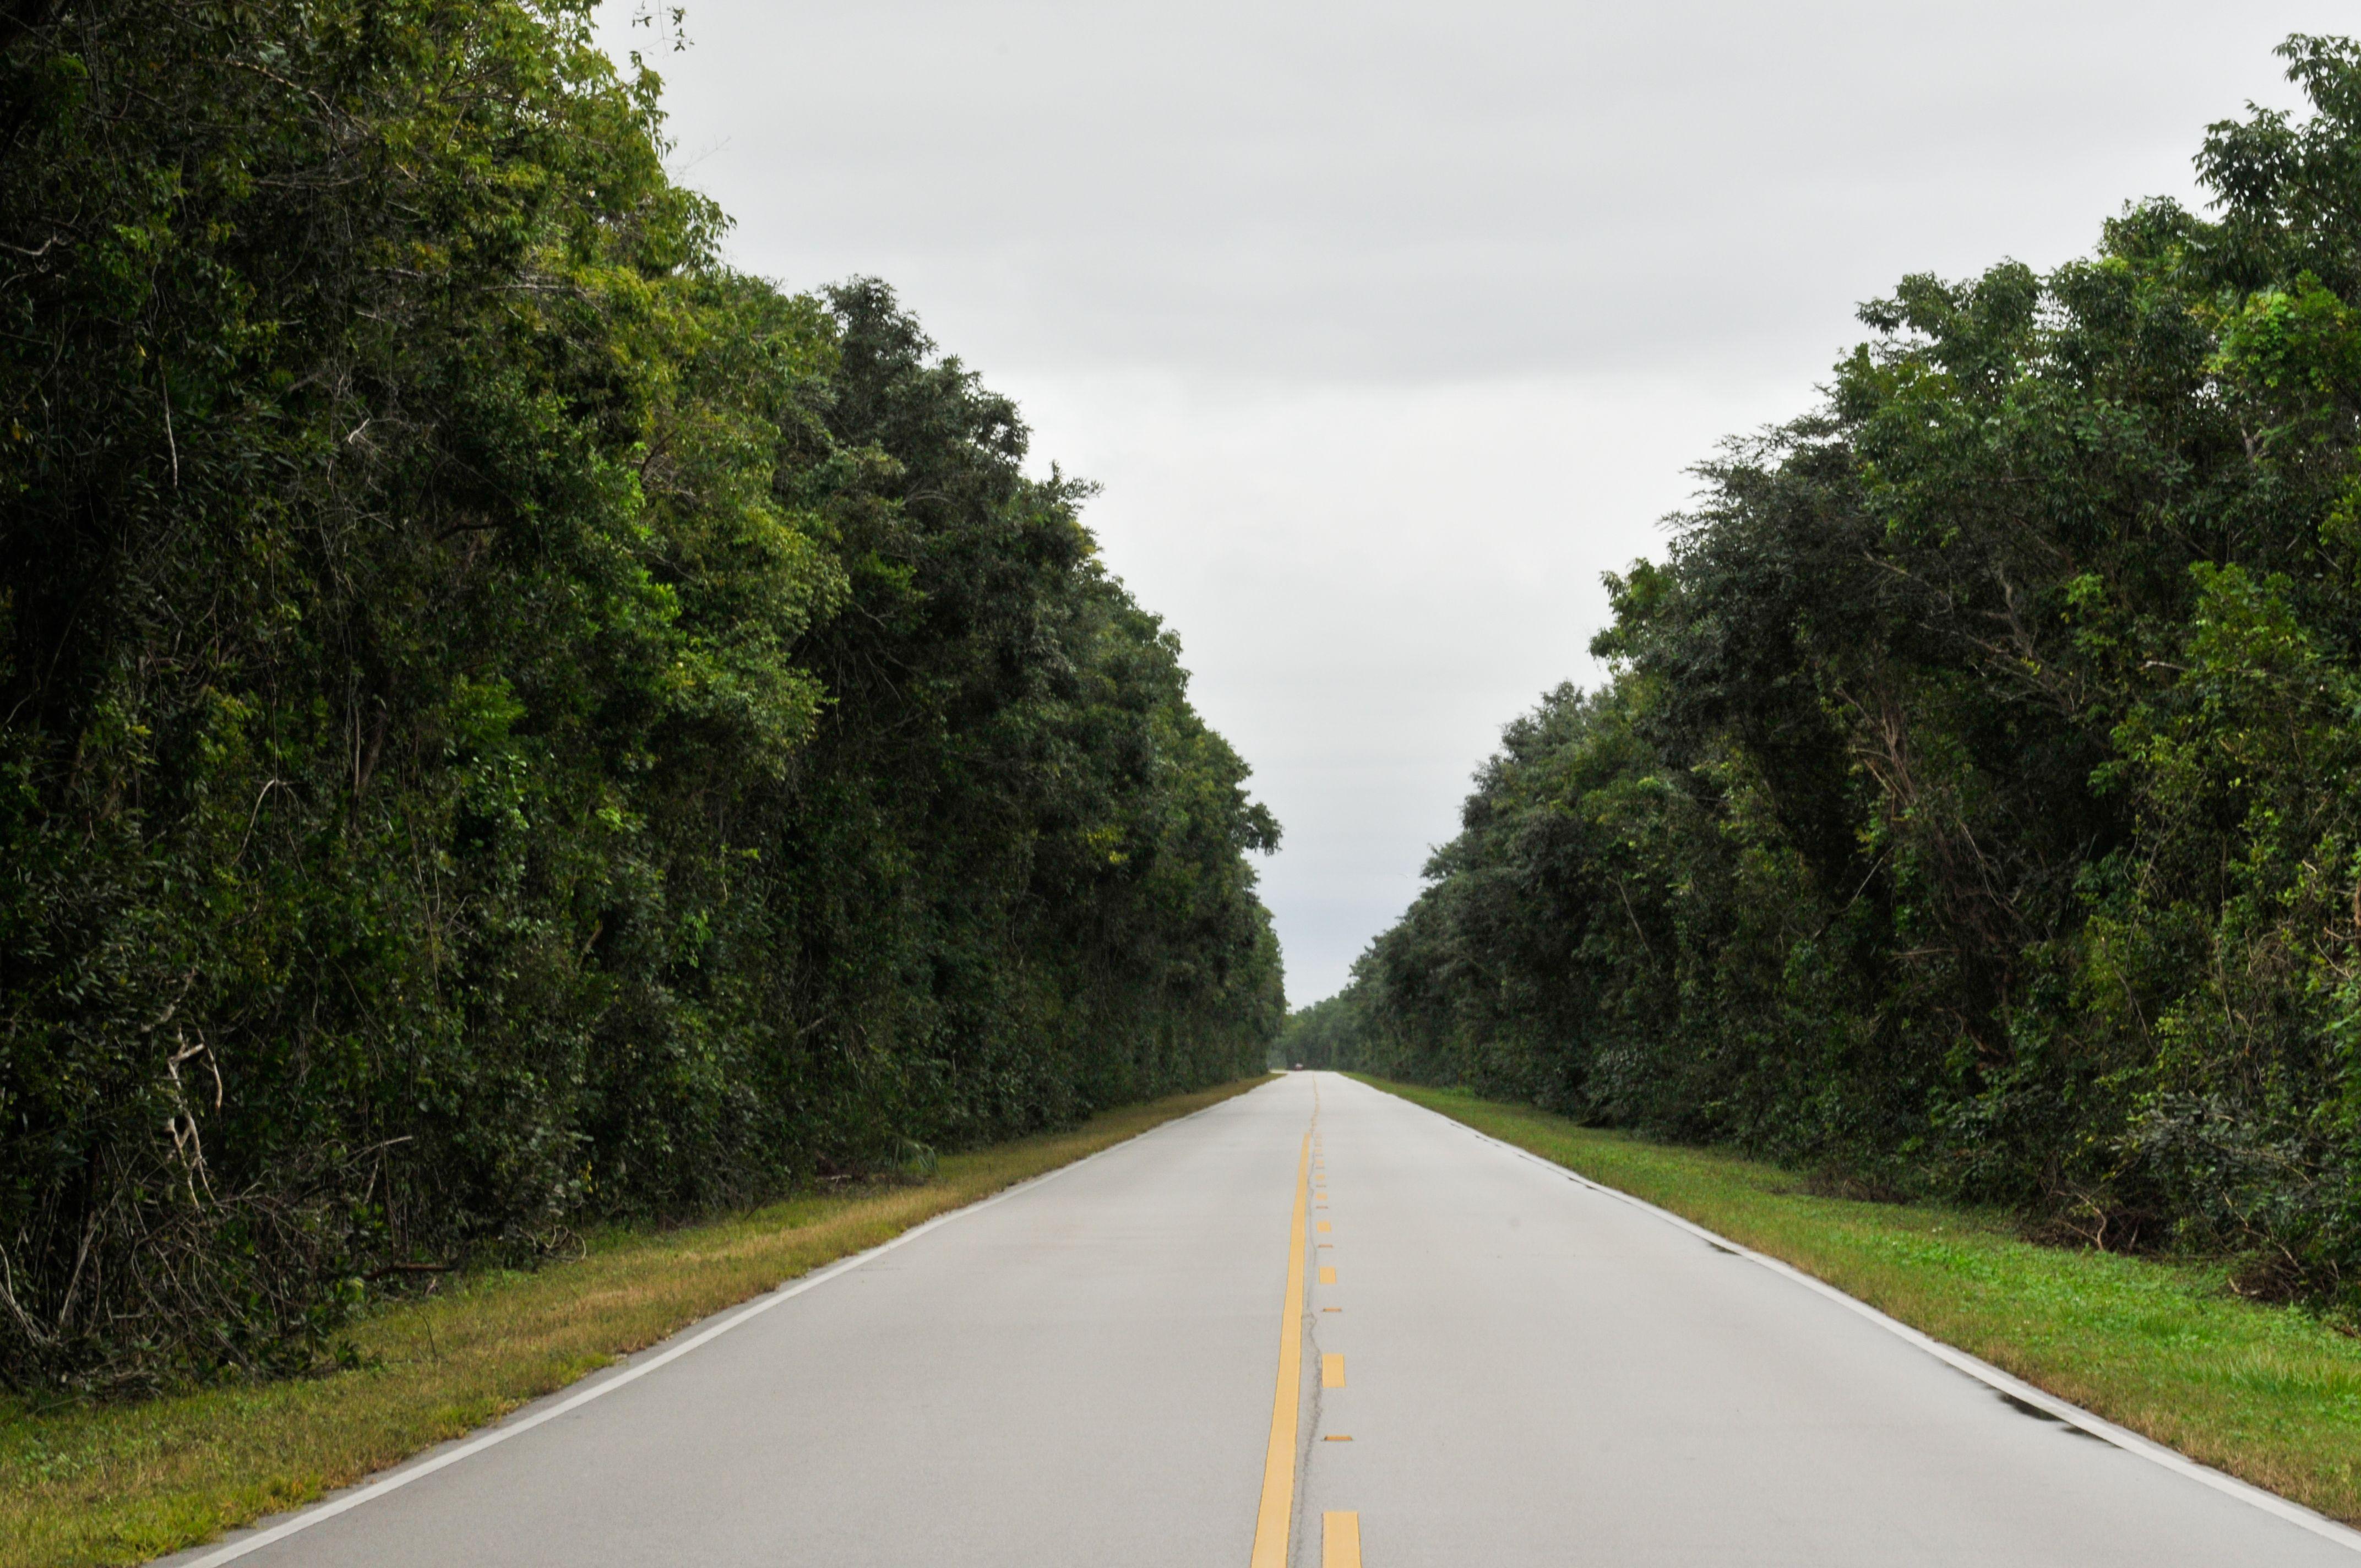 Travel Inspiration - The Everglades - Florida